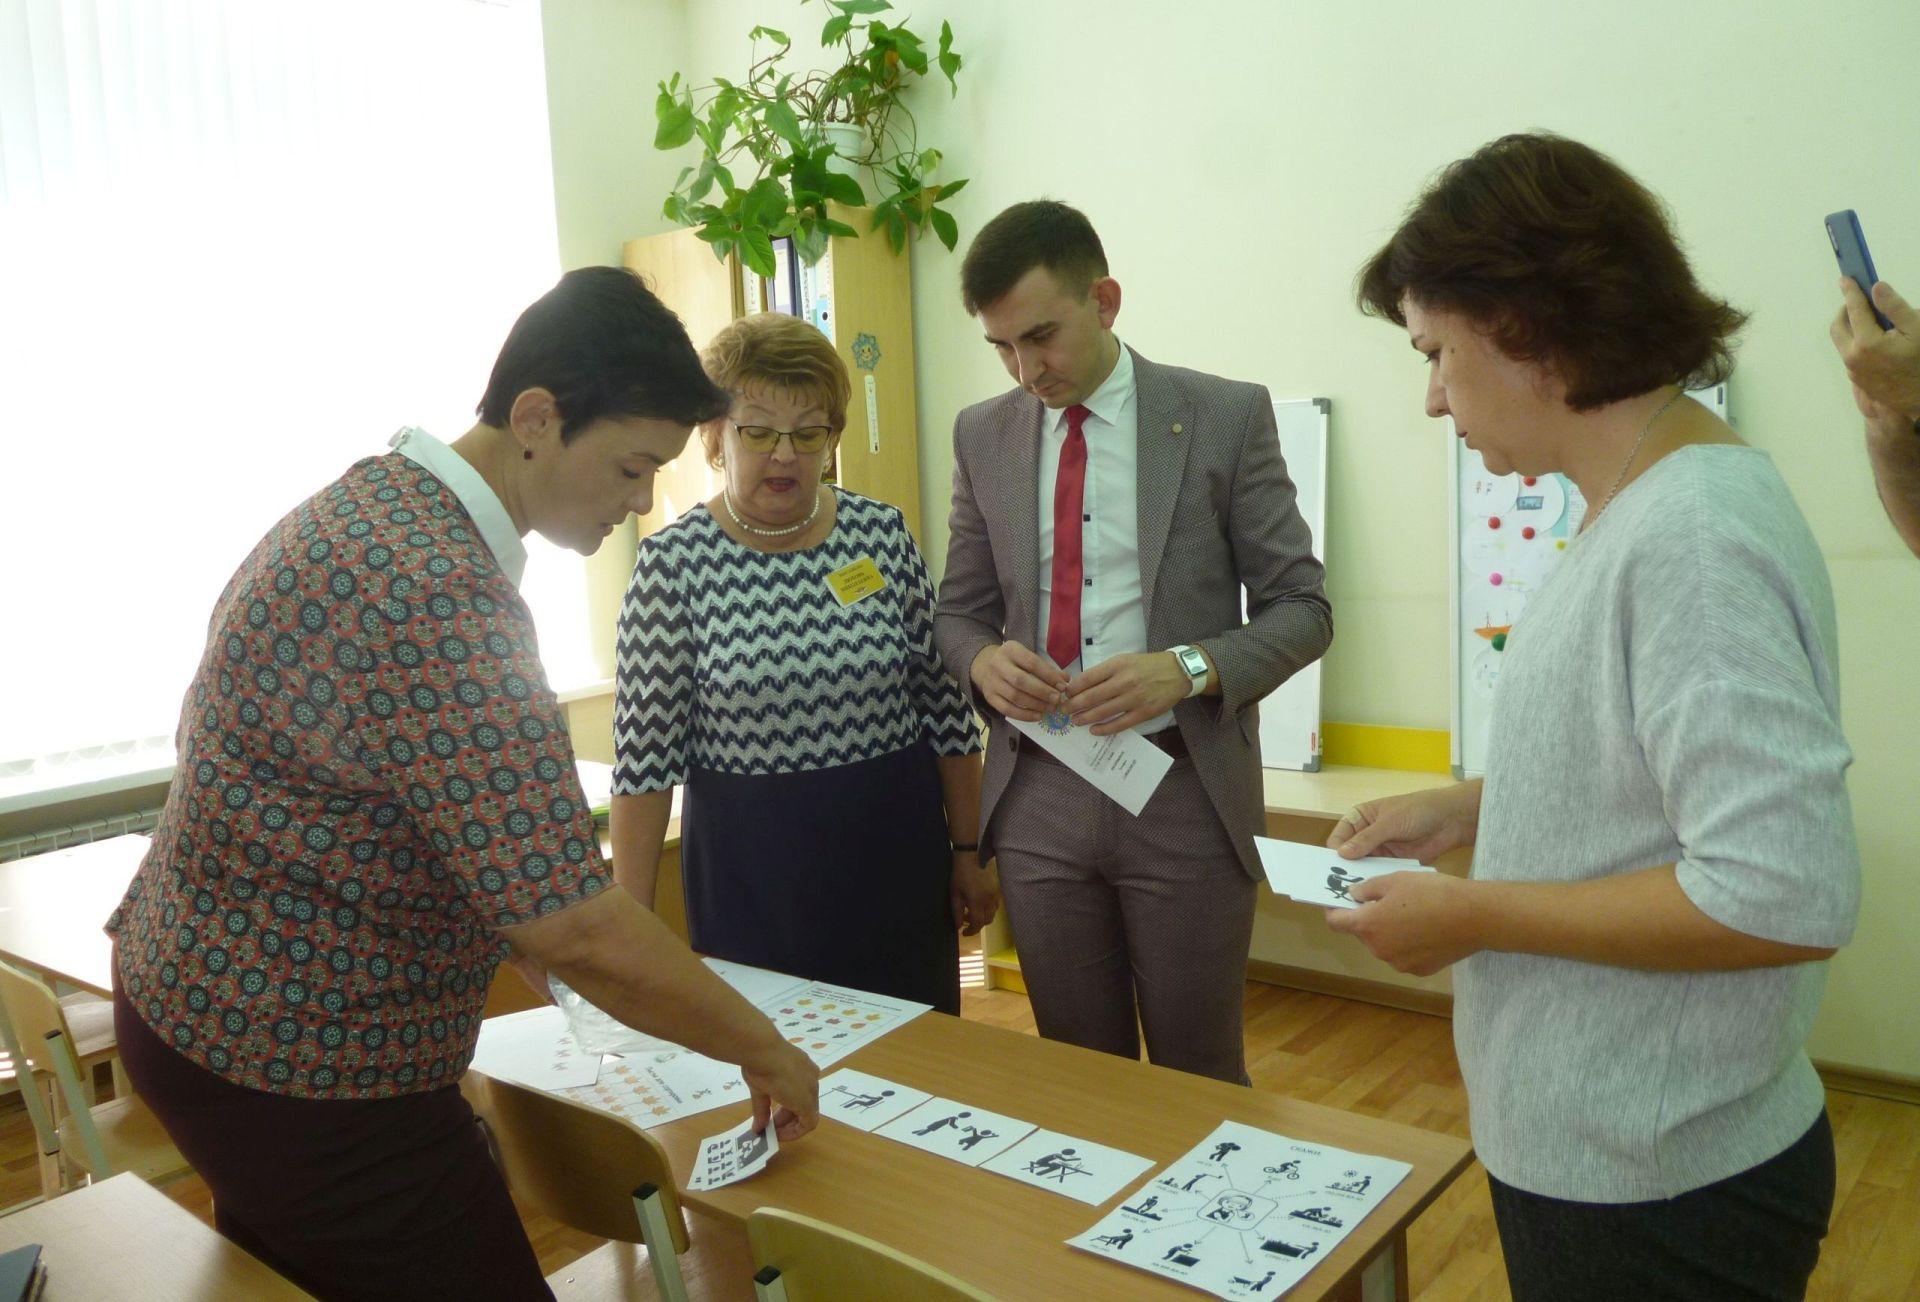 В школе Таганрога открылся «гибкий класс»